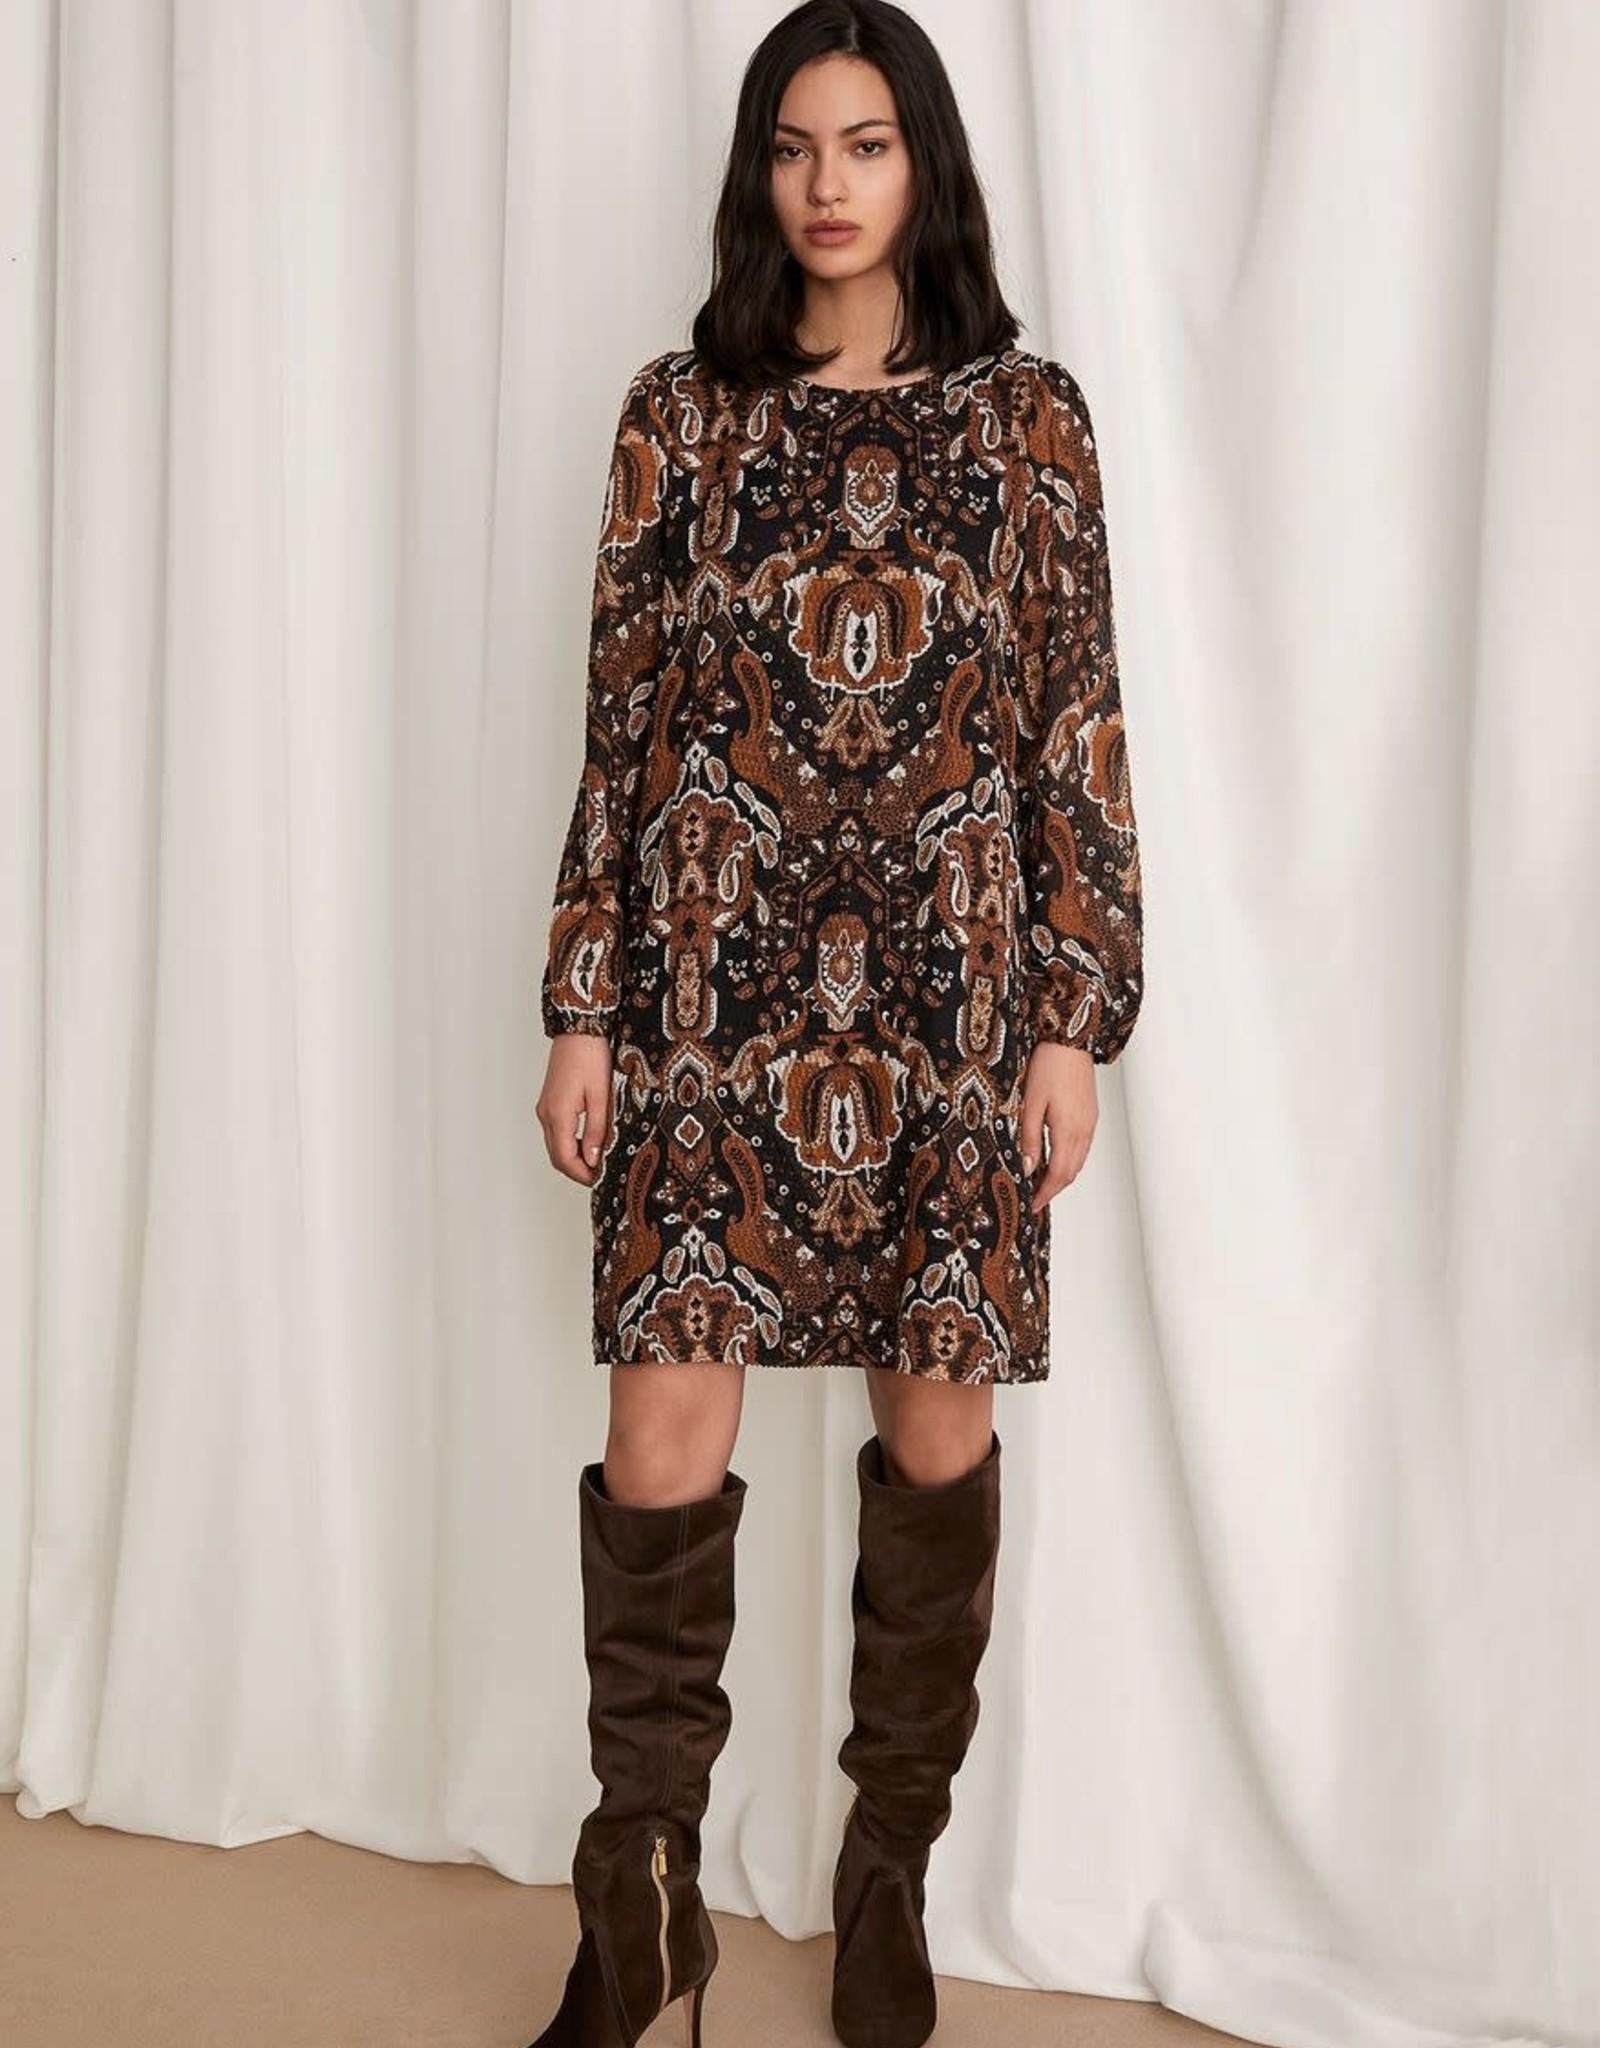 EMME MARELLA BUSSOLA SHIFT DRESS BY EMME